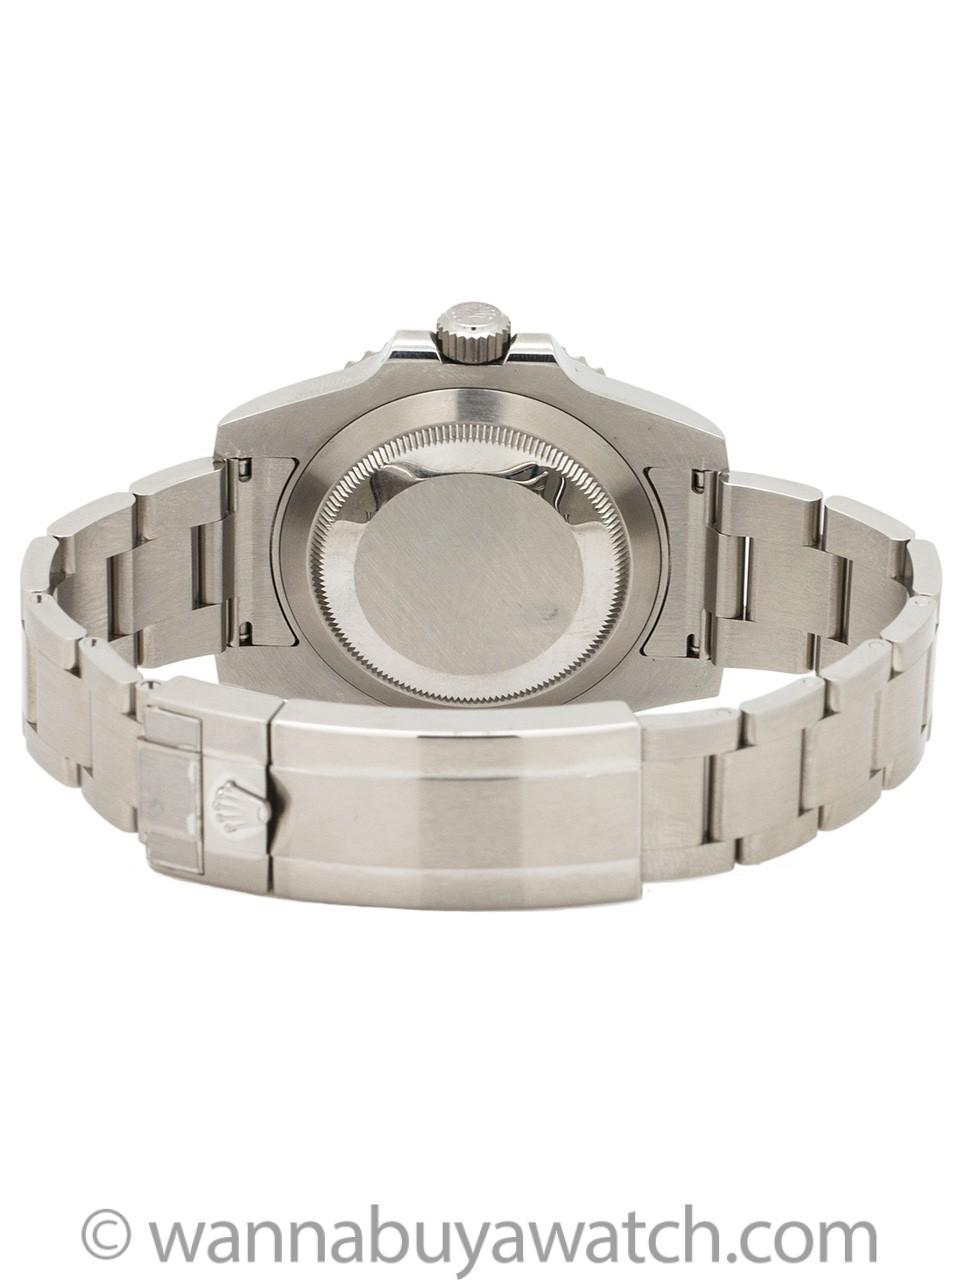 Rolex Submariner ref 114060 Ceramic circa 2016 B & P